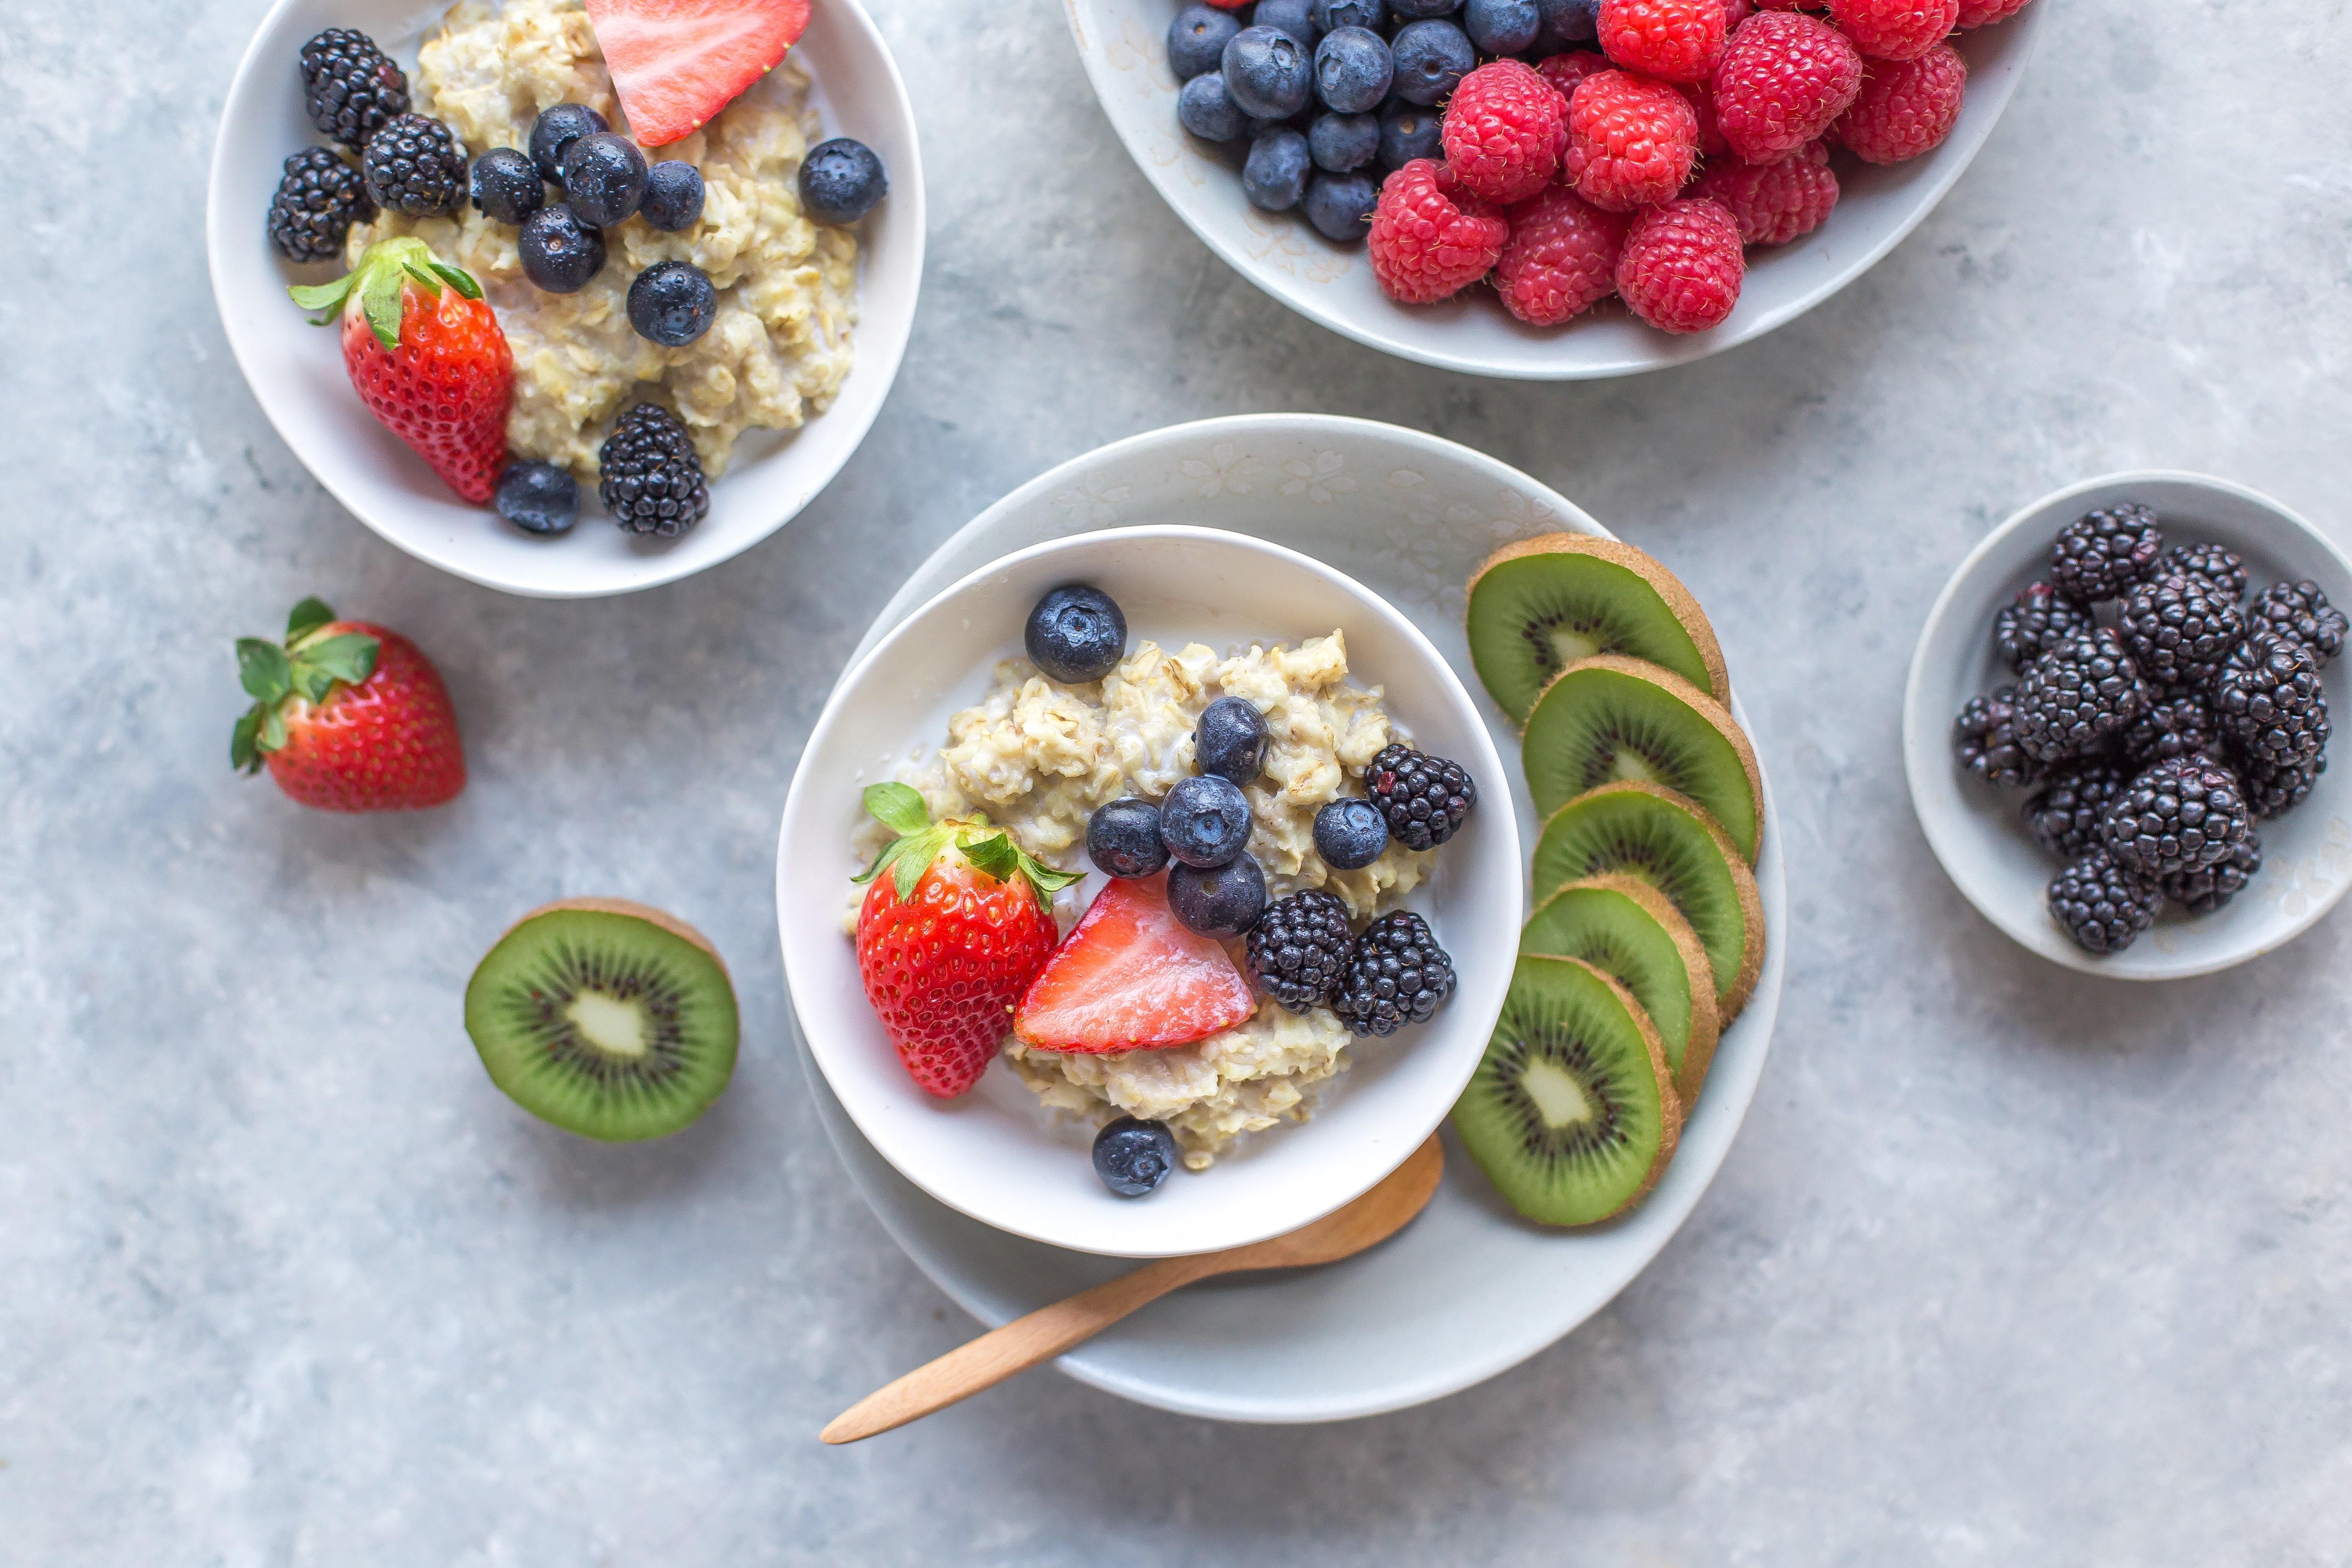 Puedes desayunar dulce o salado, el porridge o gachas de avena es una alternativa estupenda en una dieta antiinflamatoria